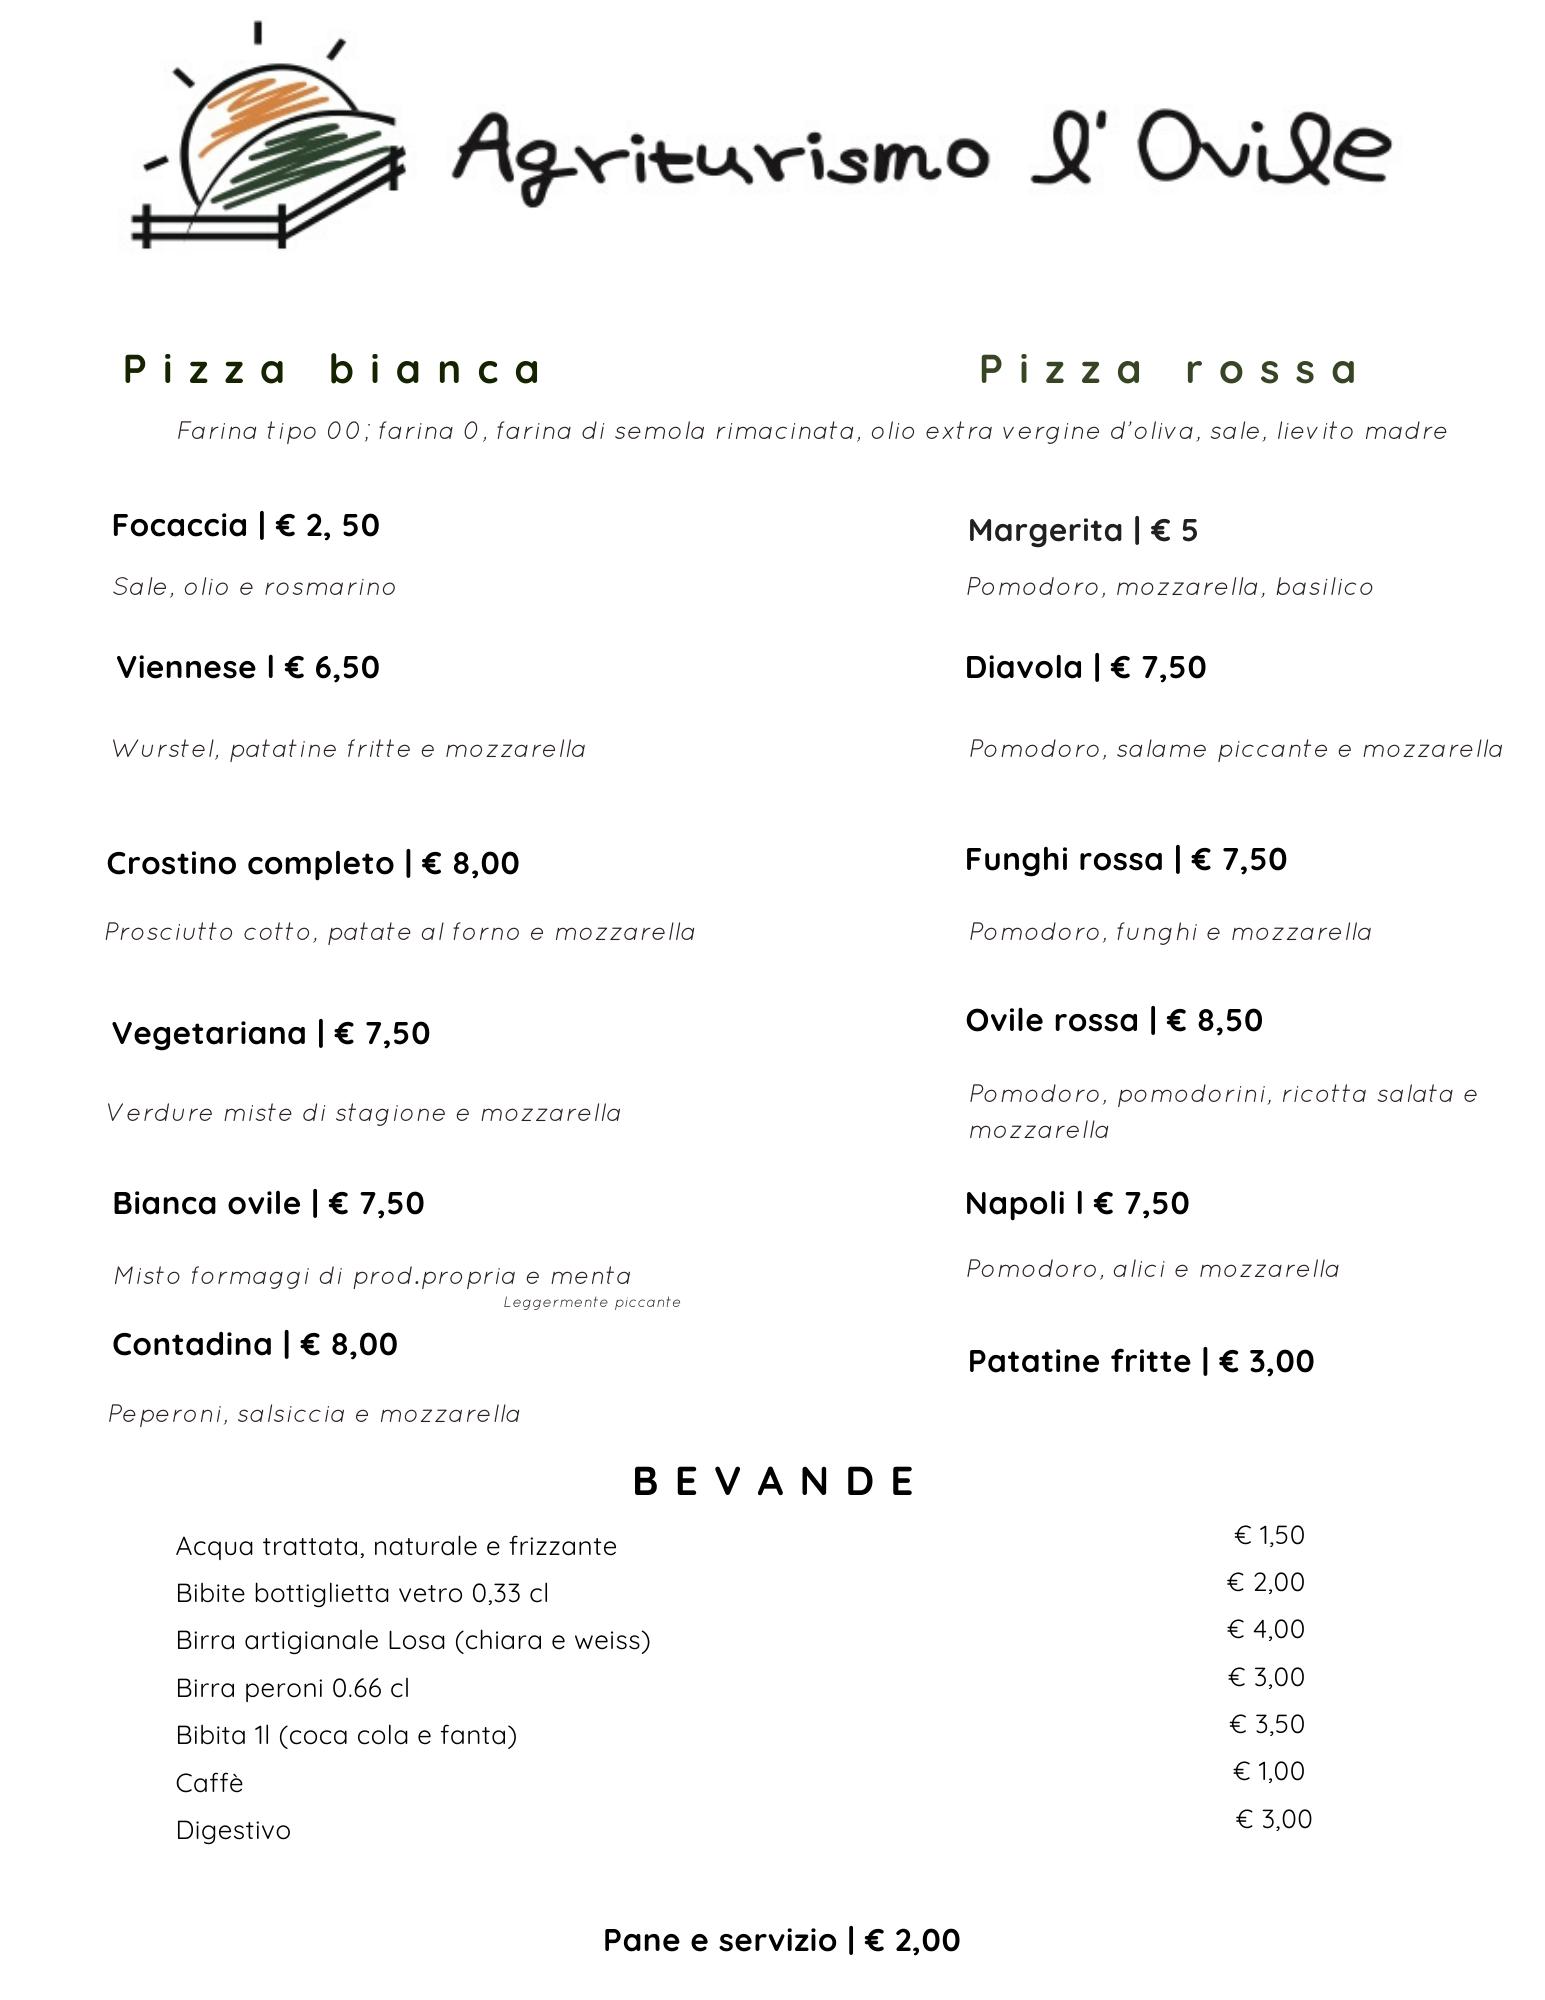 agriturism_ovile_menu_pizze